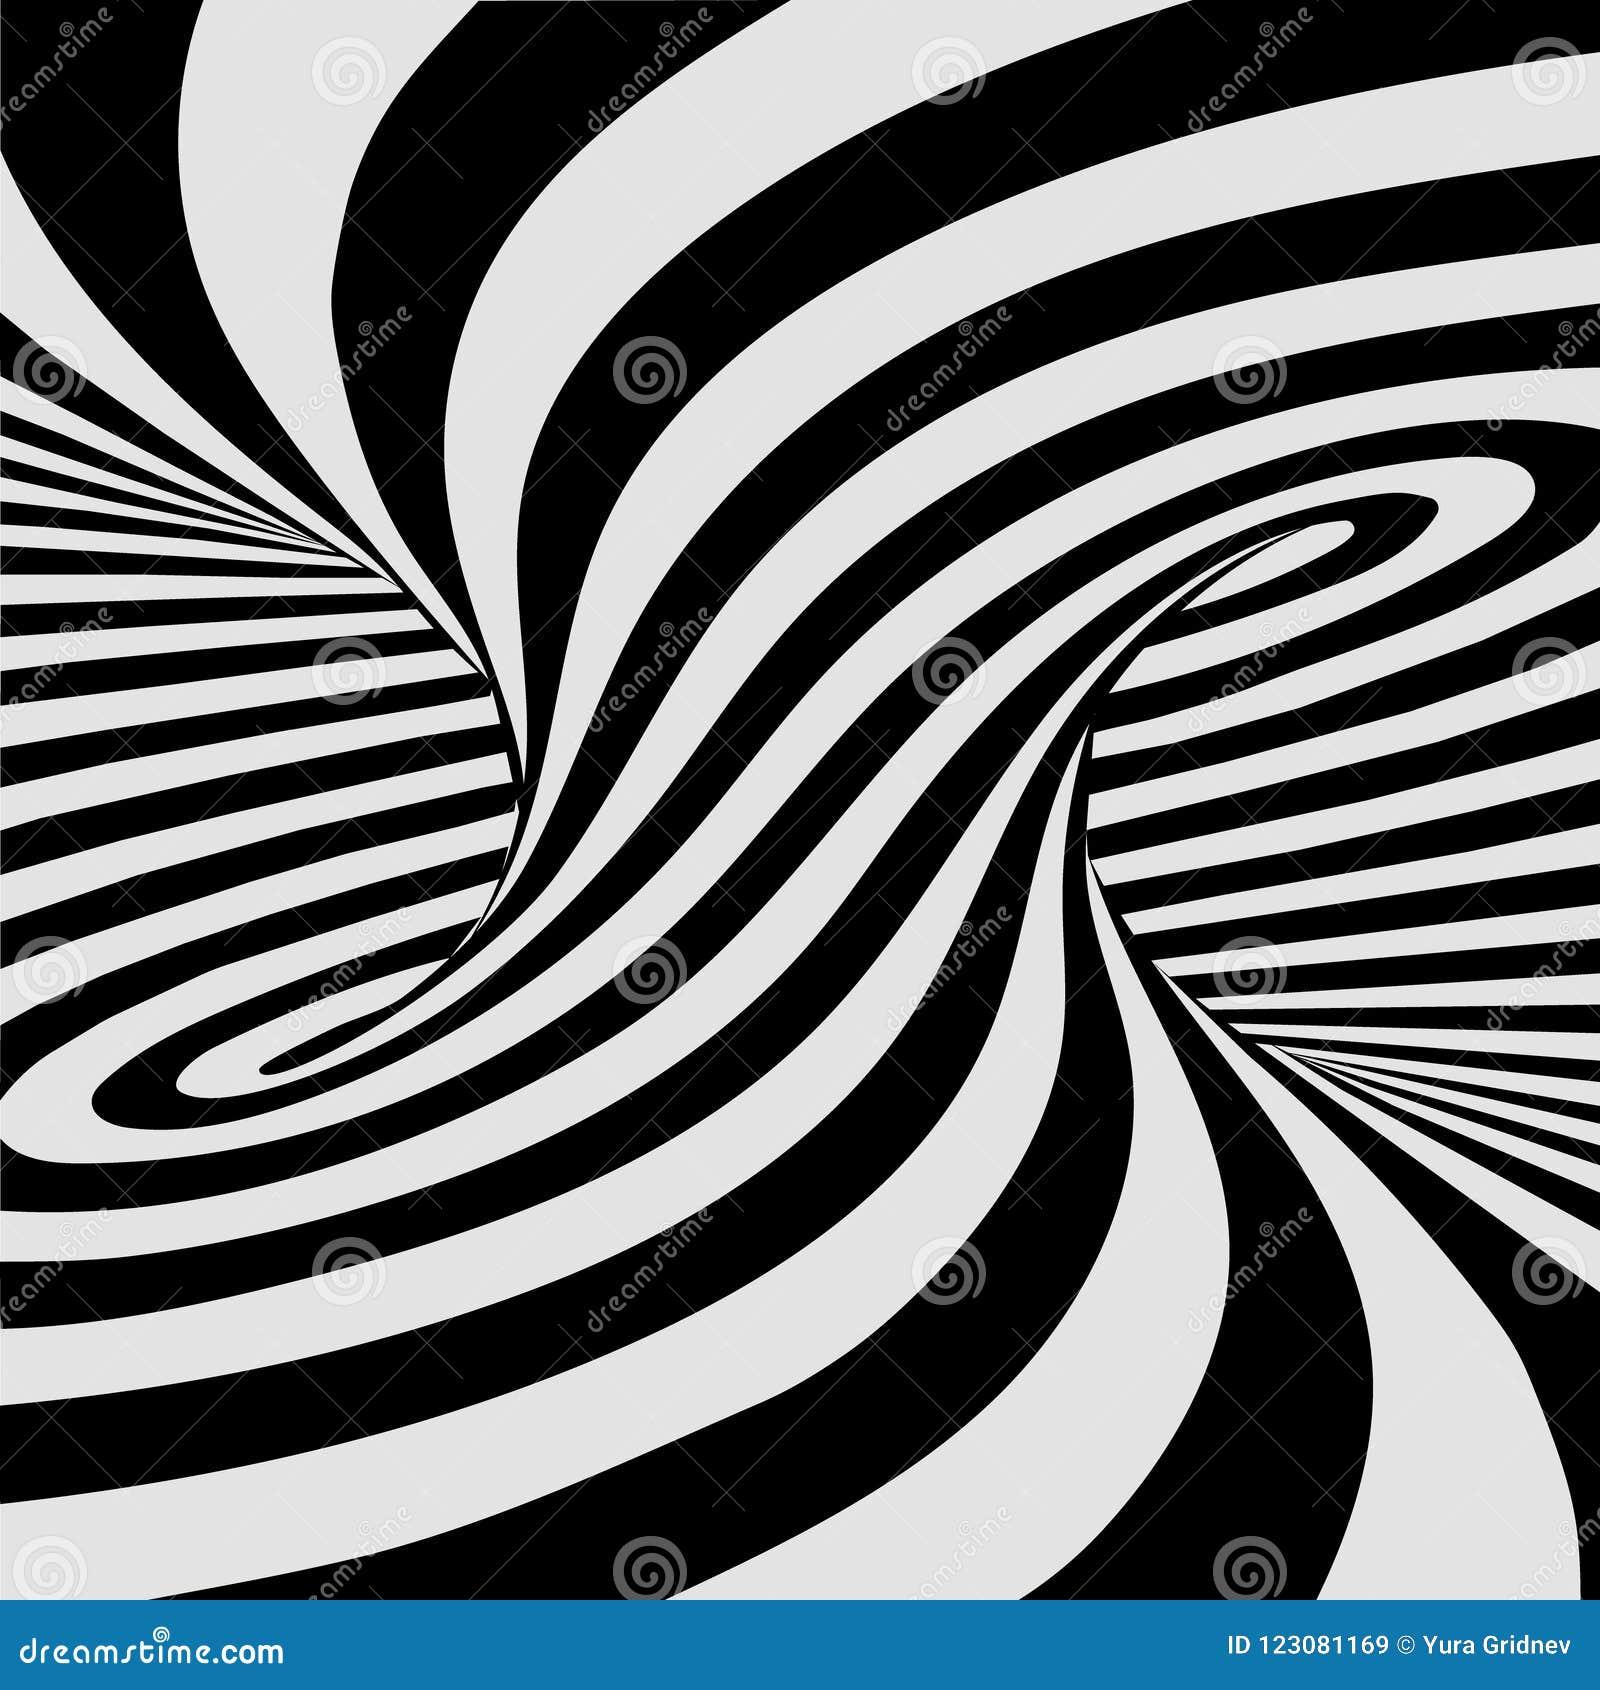 Horizontal Optical Illusion Public Domain Mark Black And White Lines Optical Illusion Horizontal Background